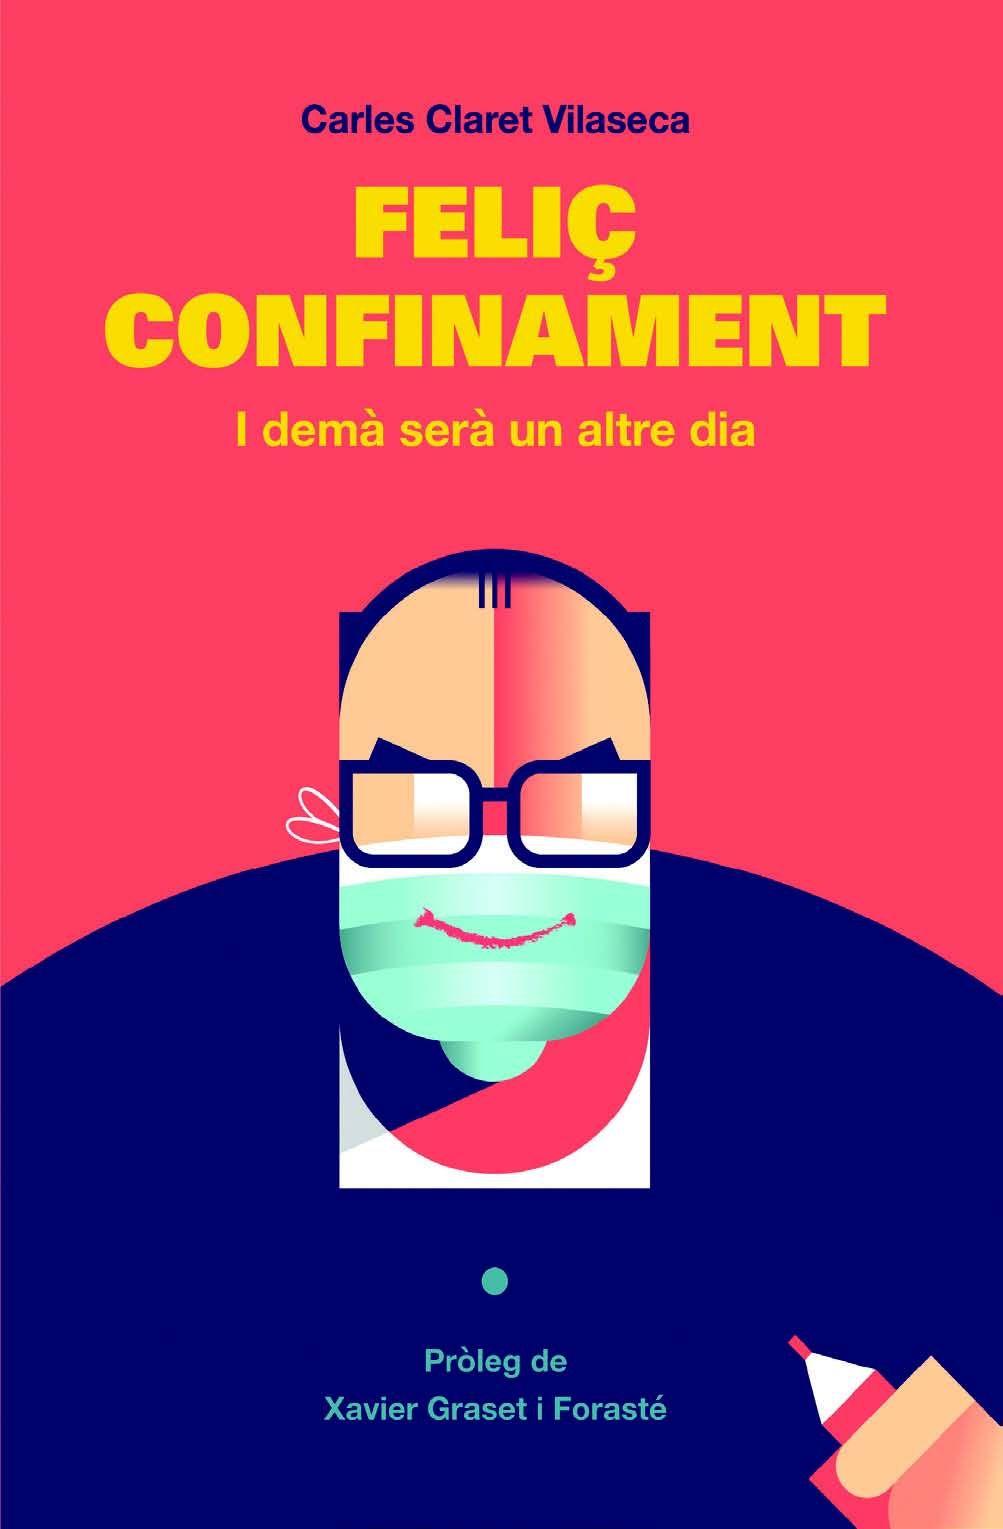 FELIÇ CONFINAMENT